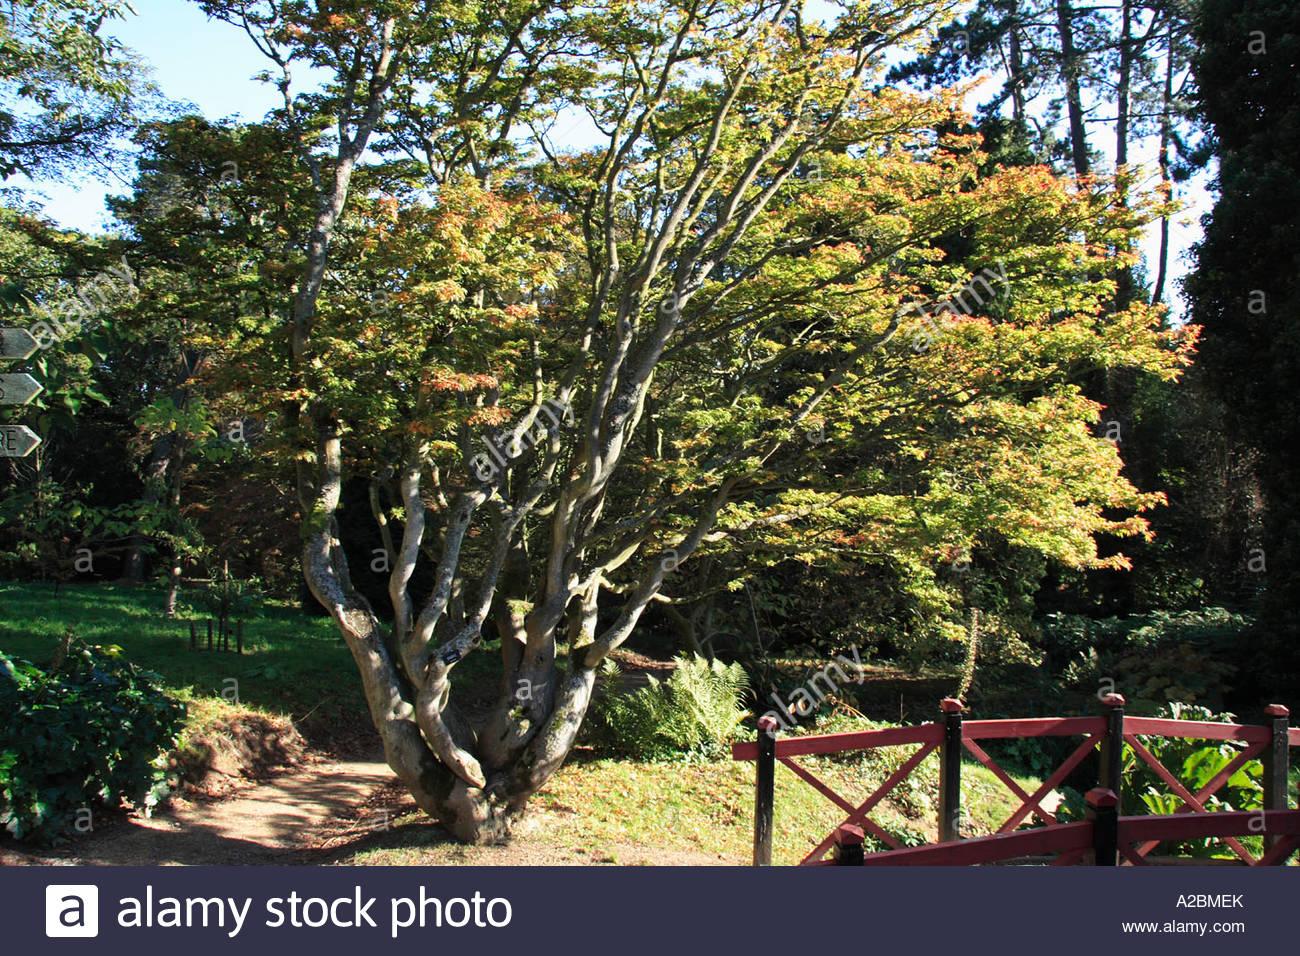 Acer Palmatum Shishigashira Japanese Maple Photograph Showing A Tree